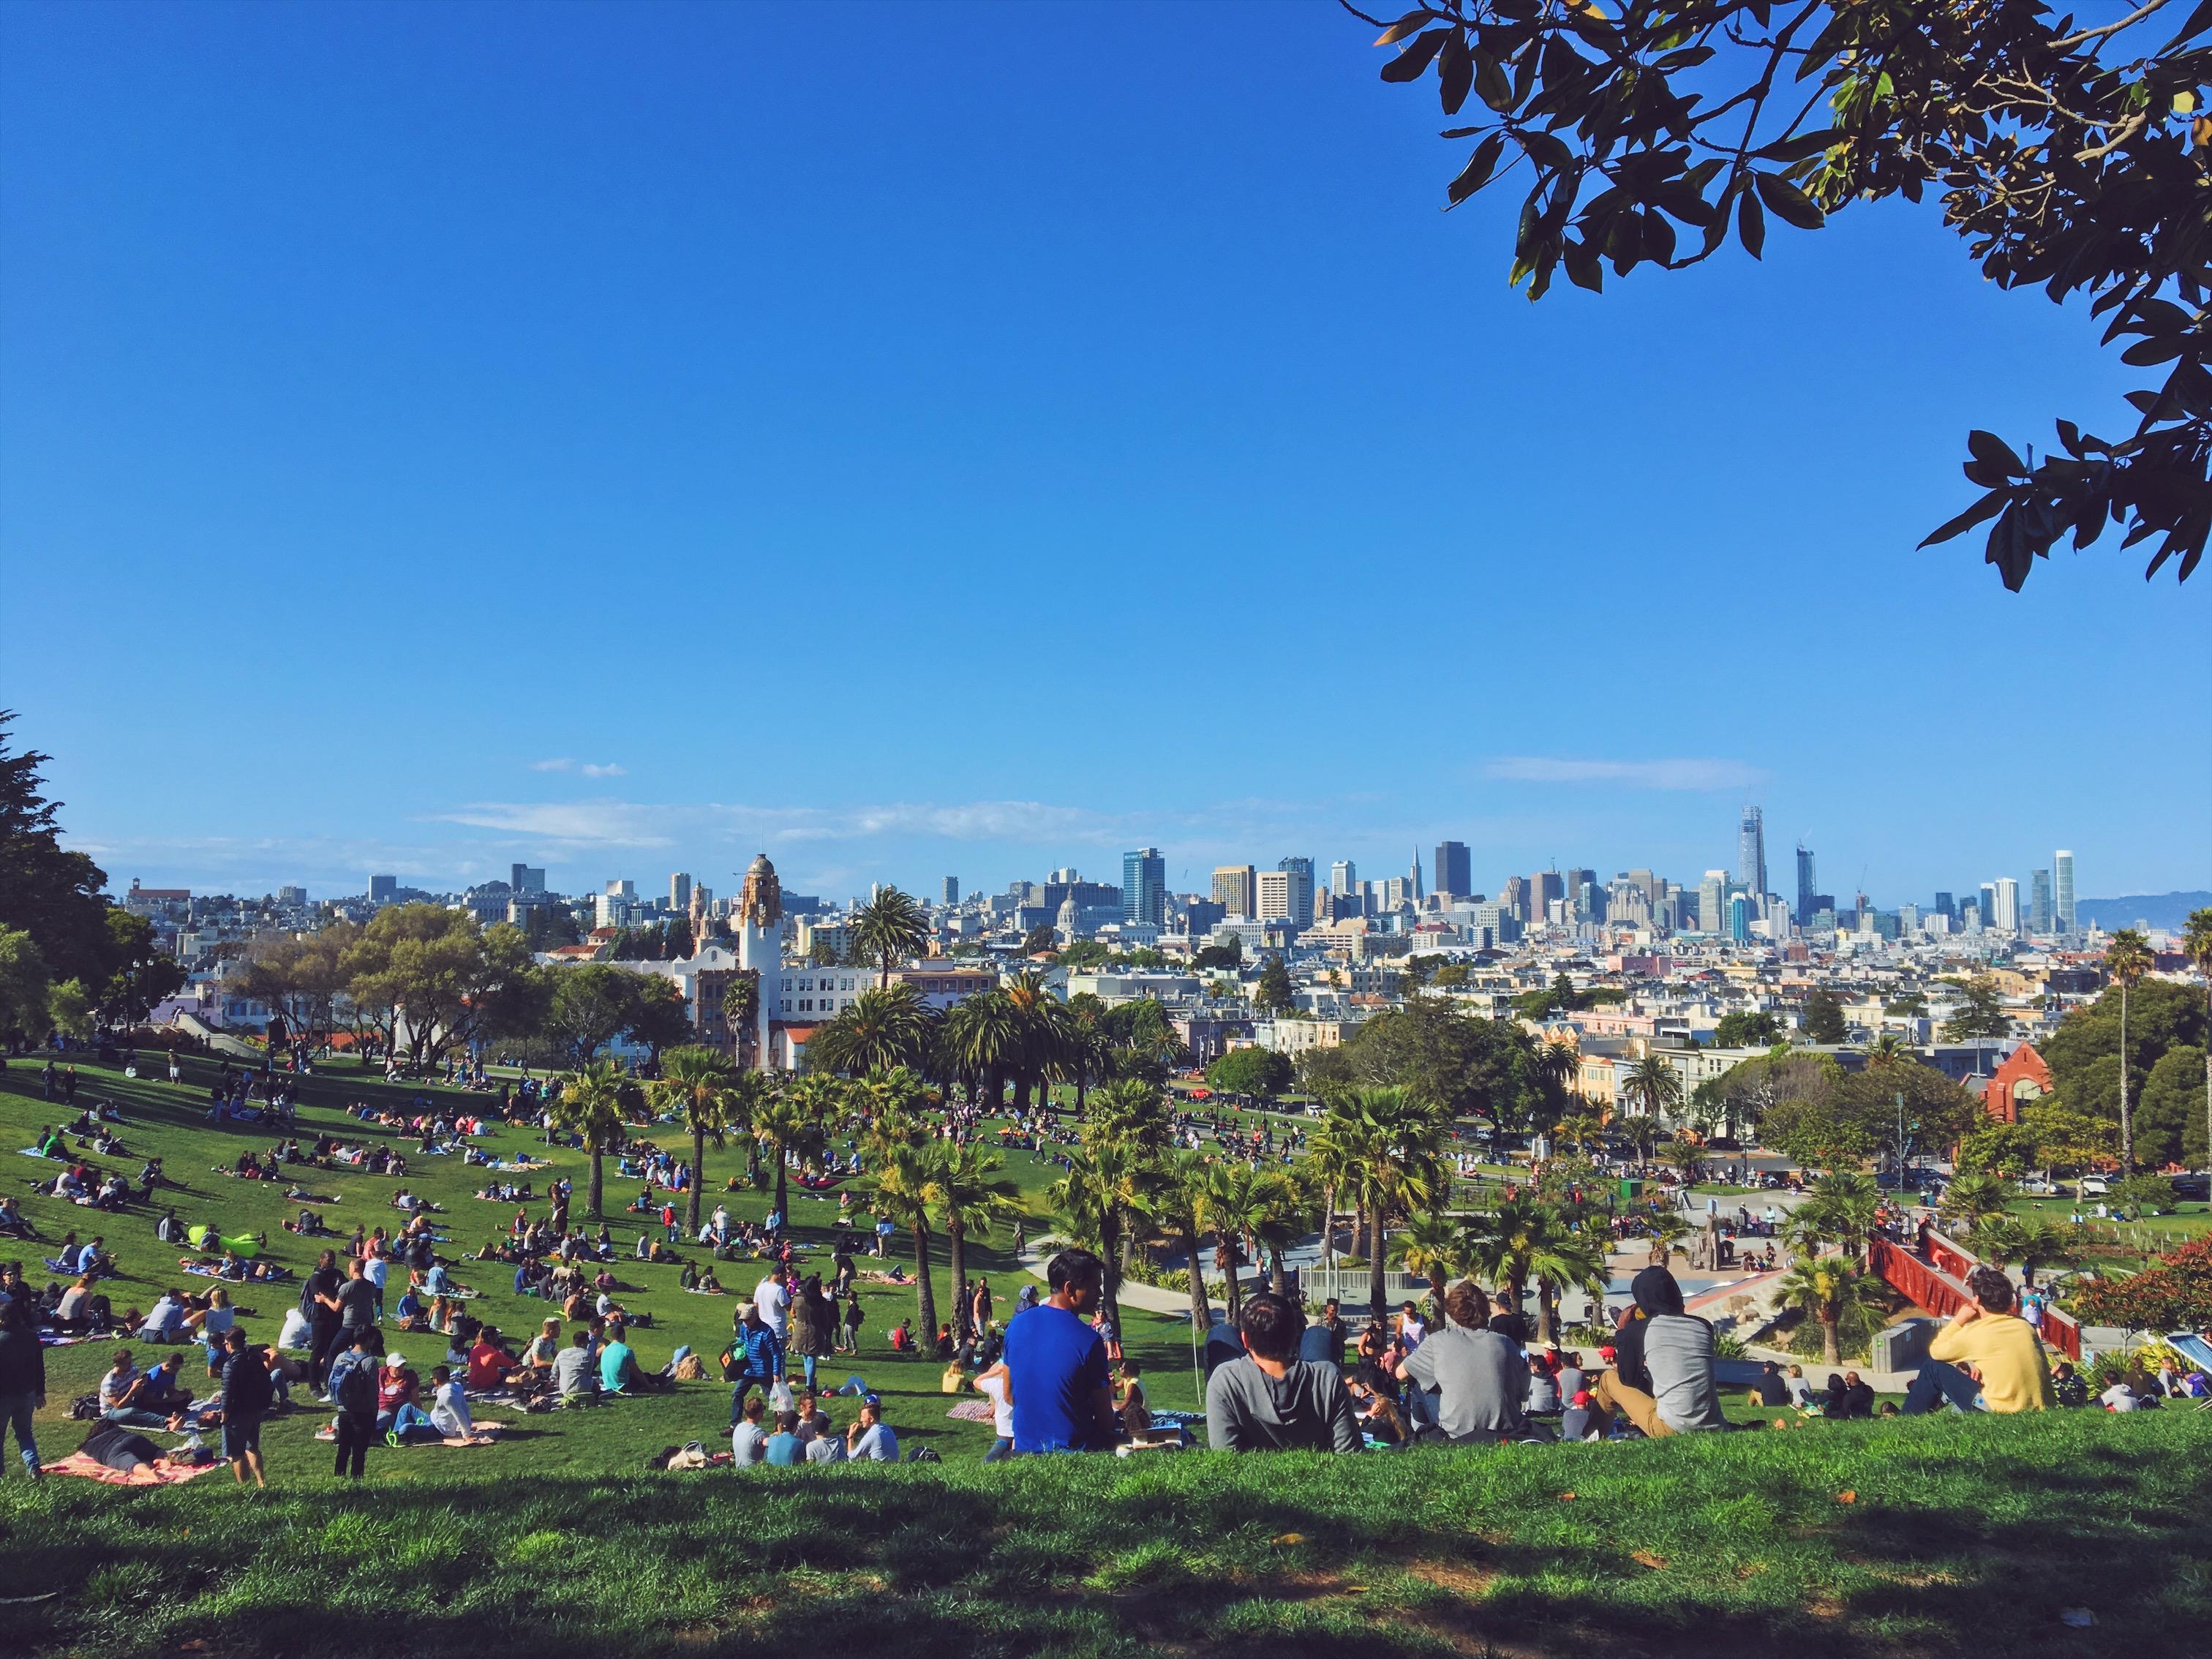 La vista piu bella di San Francisco